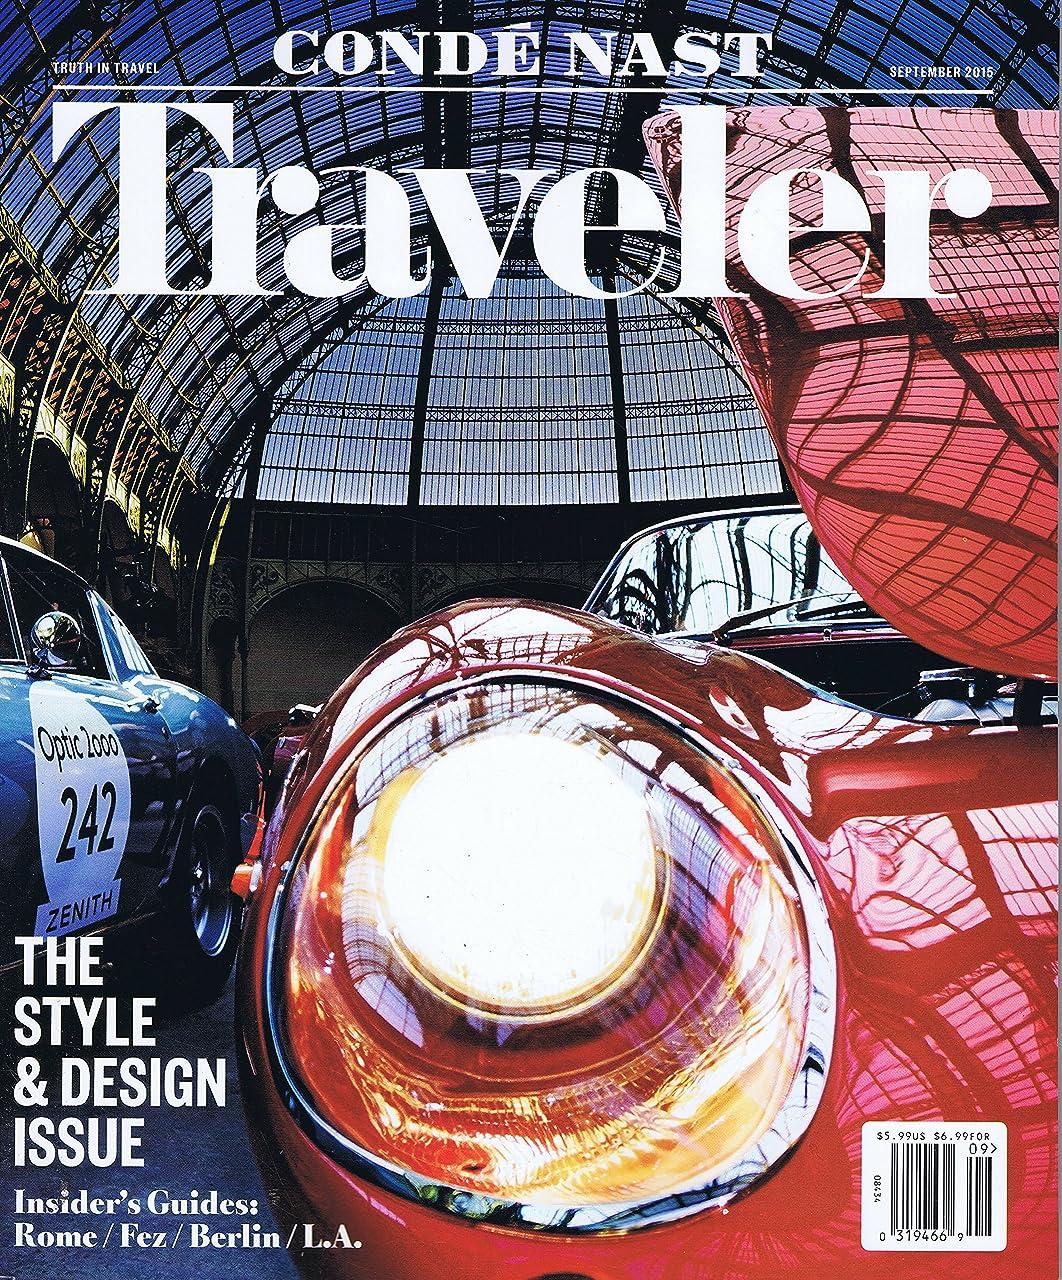 飢饉直感散るConde Nast Traveler [US] September 2015 (単号)